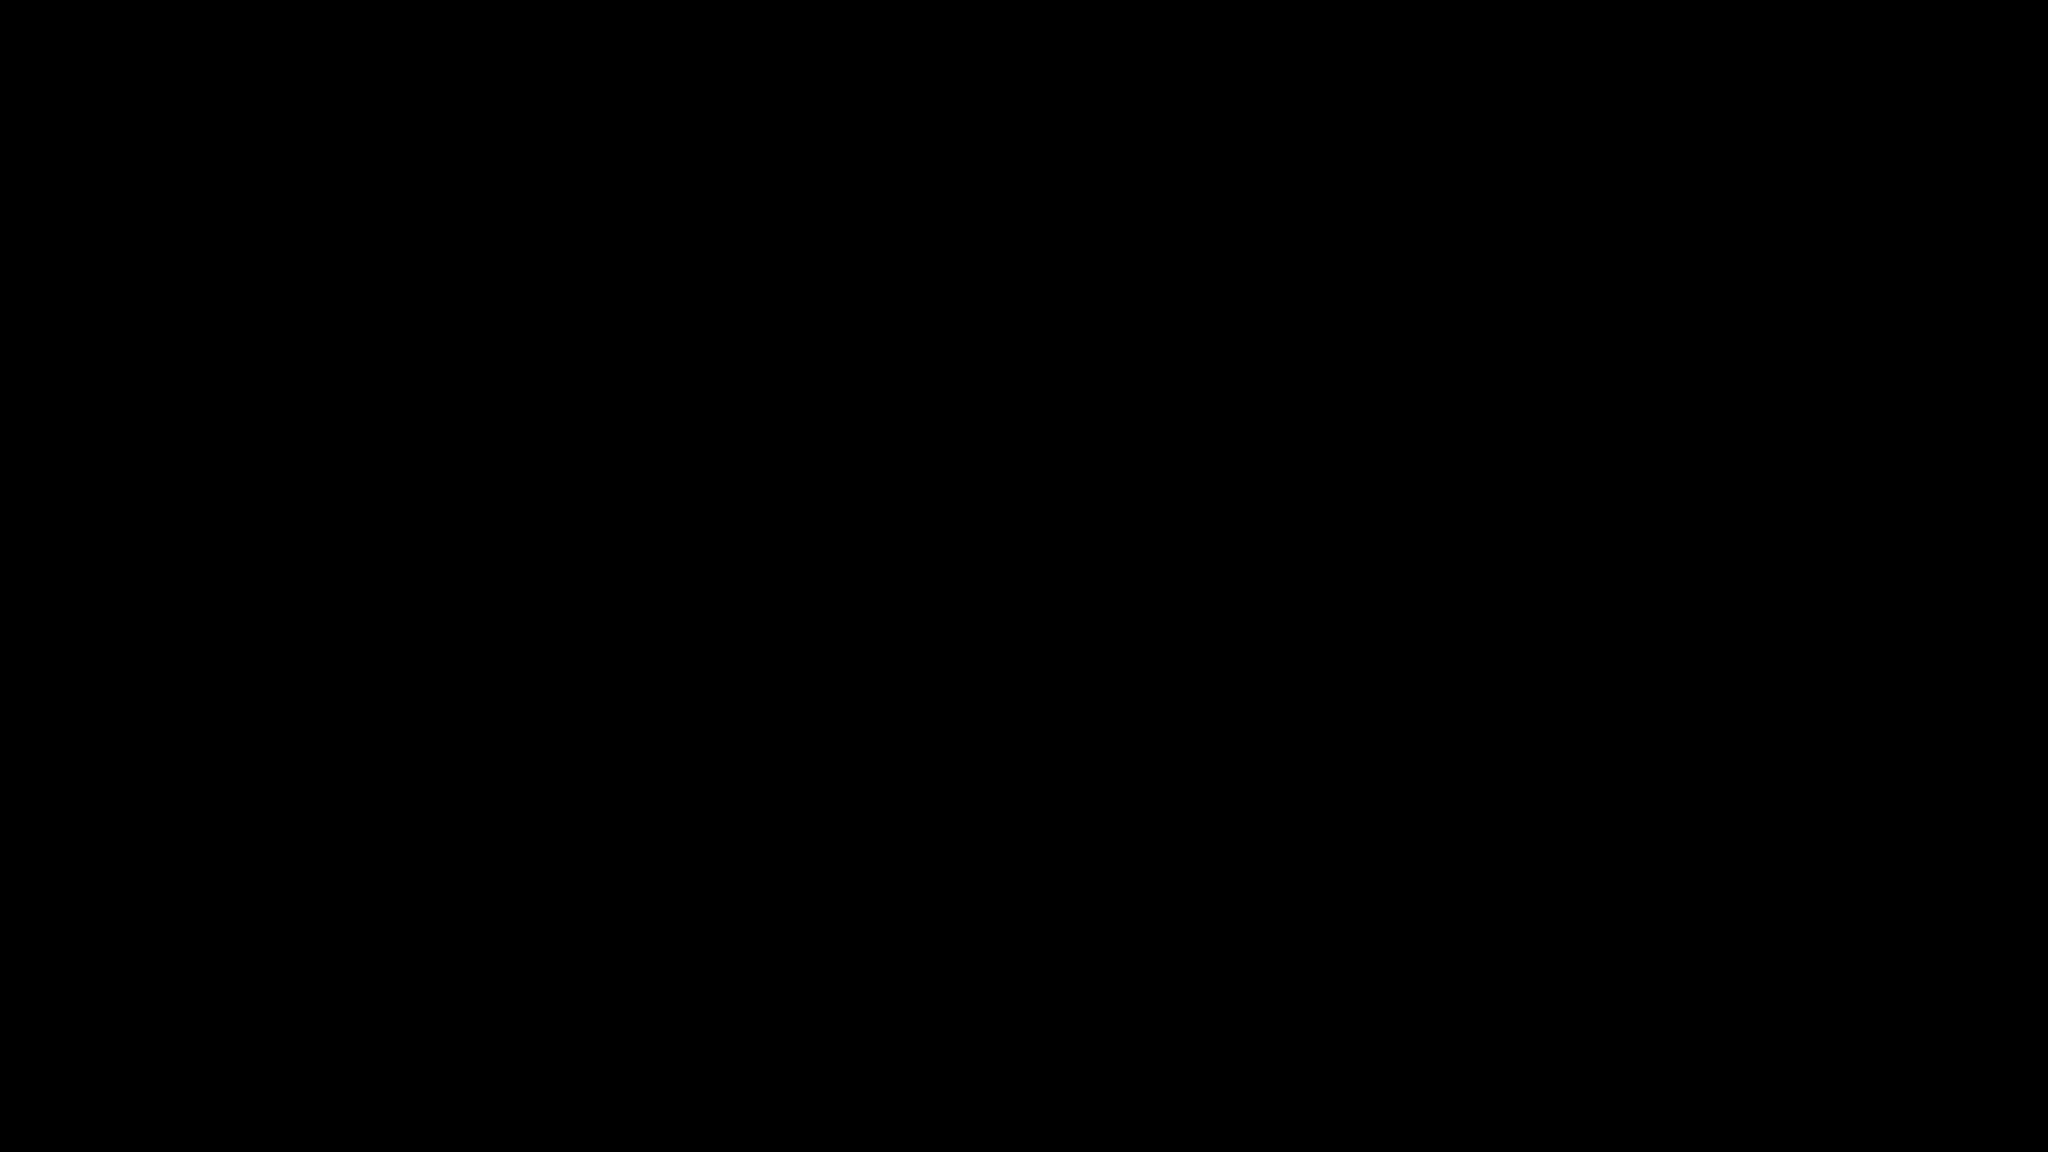 Fond Noir 2048x1152 Pixels